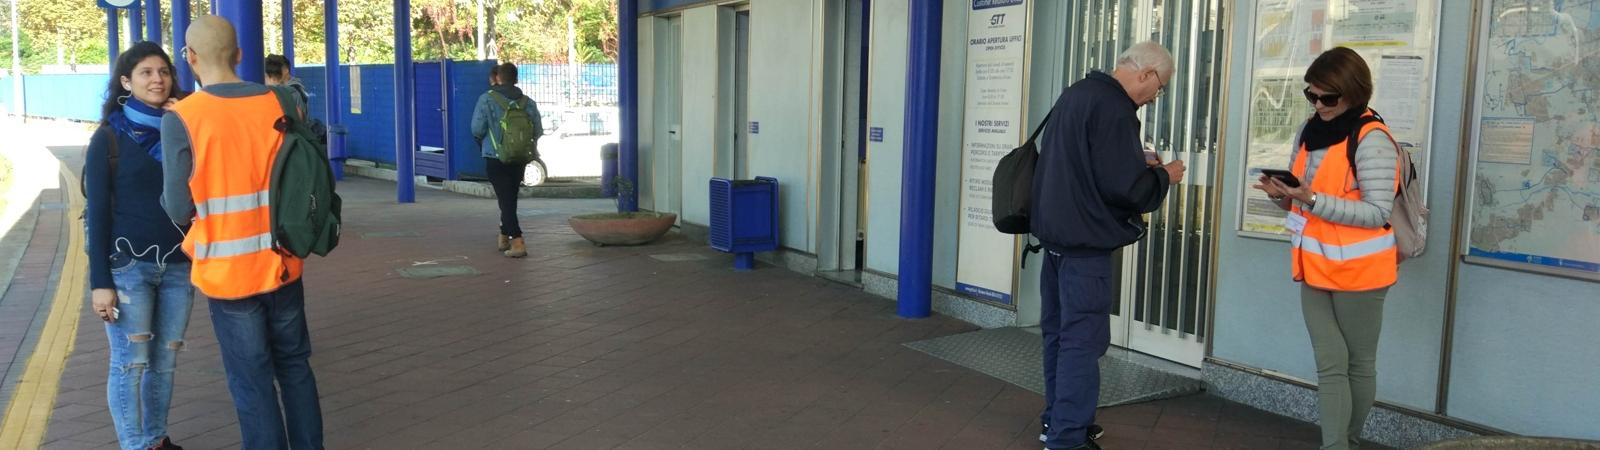 indagini frontali face to face sulla mobilita' e di customer satisfaction per i diversi sistemi di trasporto